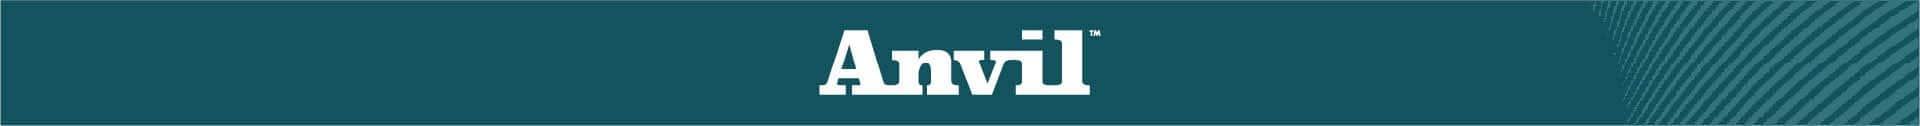 Anvil Brand Banner